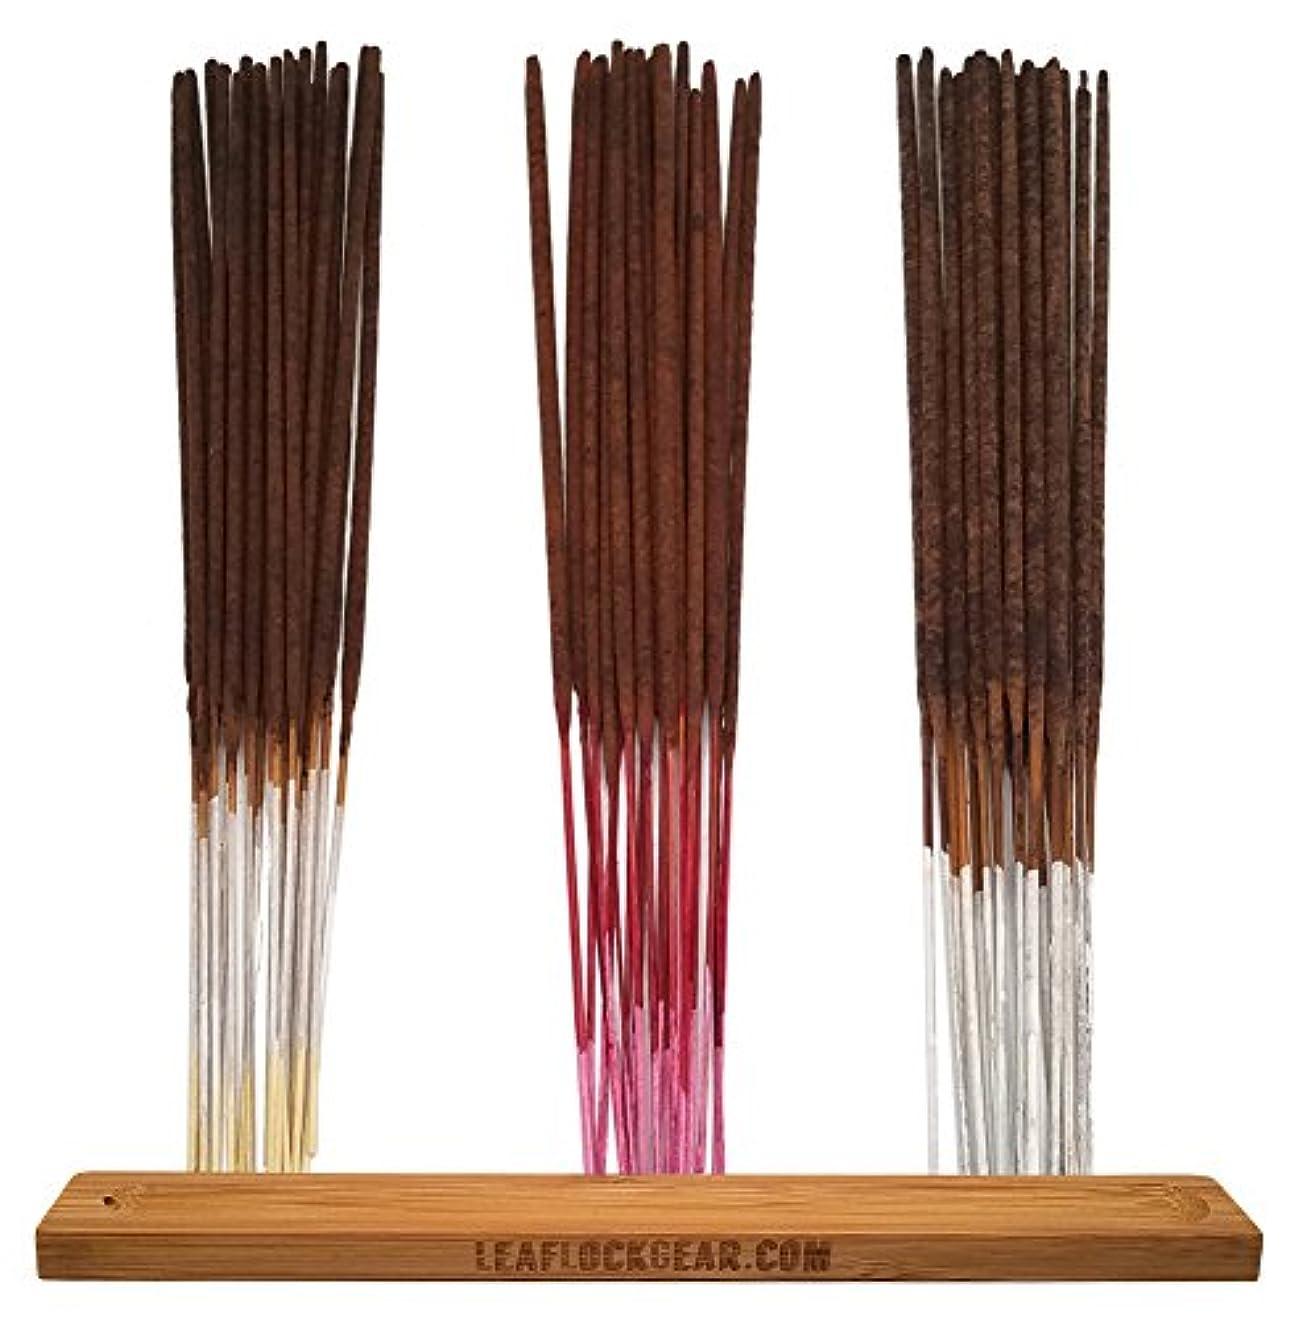 そのような漫画講堂バンドル – 61アイテム – Wild Berryお香「バニラ」香りサンプラー。Includes 20 Sticks各のバニラ、チェリーバニラ、と梨バニラwith Incense Stick Burner